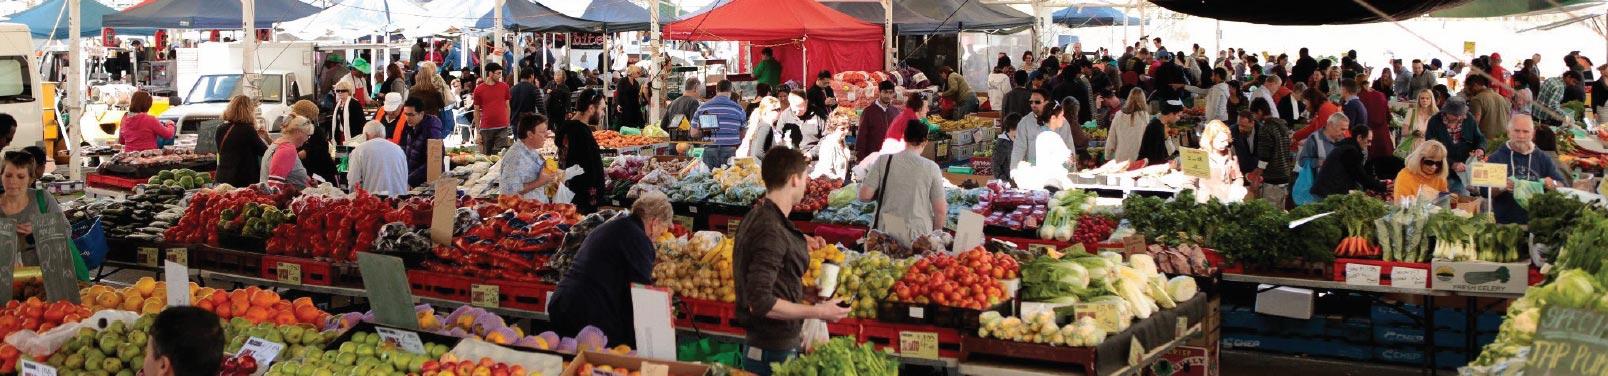 The Brisbane Markets